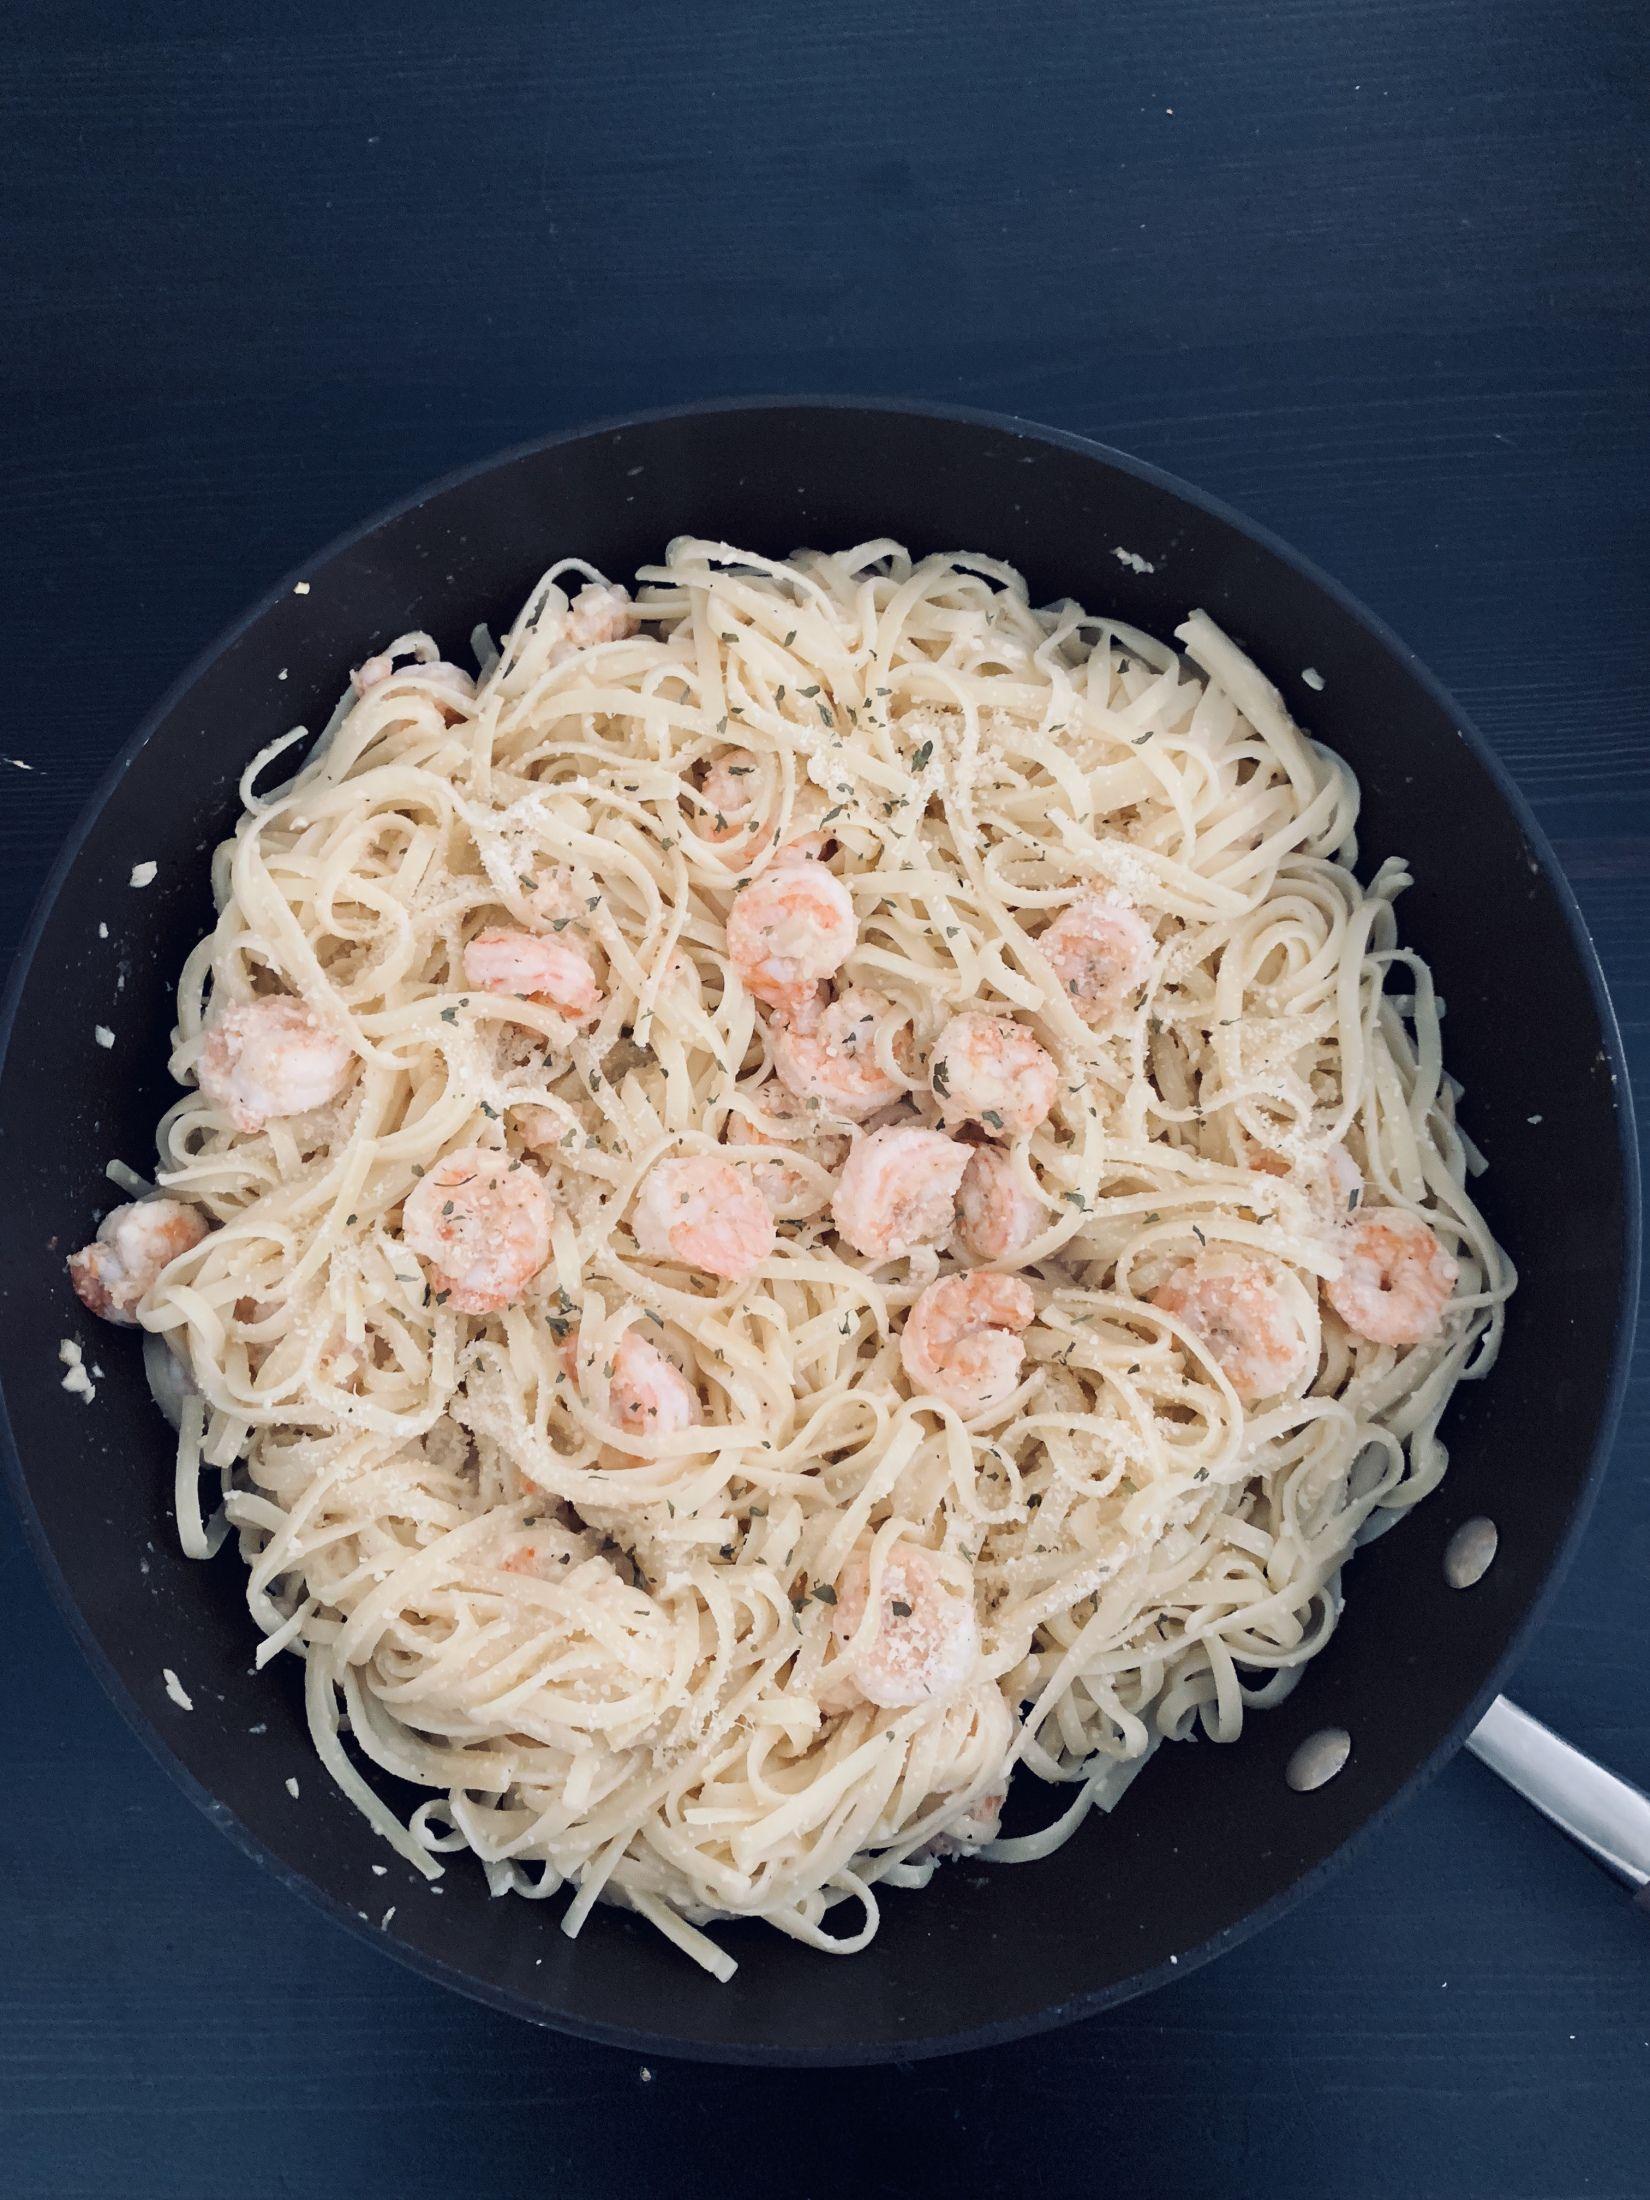 Garlic Parmesan Shrimp Scampi #garlicparmesanshrimp Garlic Parmesan Shrimp Scampi – swillneycooks #garlicparmesanshrimp Garlic Parmesan Shrimp Scampi #garlicparmesanshrimp Garlic Parmesan Shrimp Scampi – swillneycooks #shrimpscampi Garlic Parmesan Shrimp Scampi #garlicparmesanshrimp Garlic Parmesan Shrimp Scampi – swillneycooks #garlicparmesanshrimp Garlic Parmesan Shrimp Scampi #garlicparmesanshrimp Garlic Parmesan Shrimp Scampi – swillneycooks #shrimpscampi Garlic Parmesan Shrimp Scamp